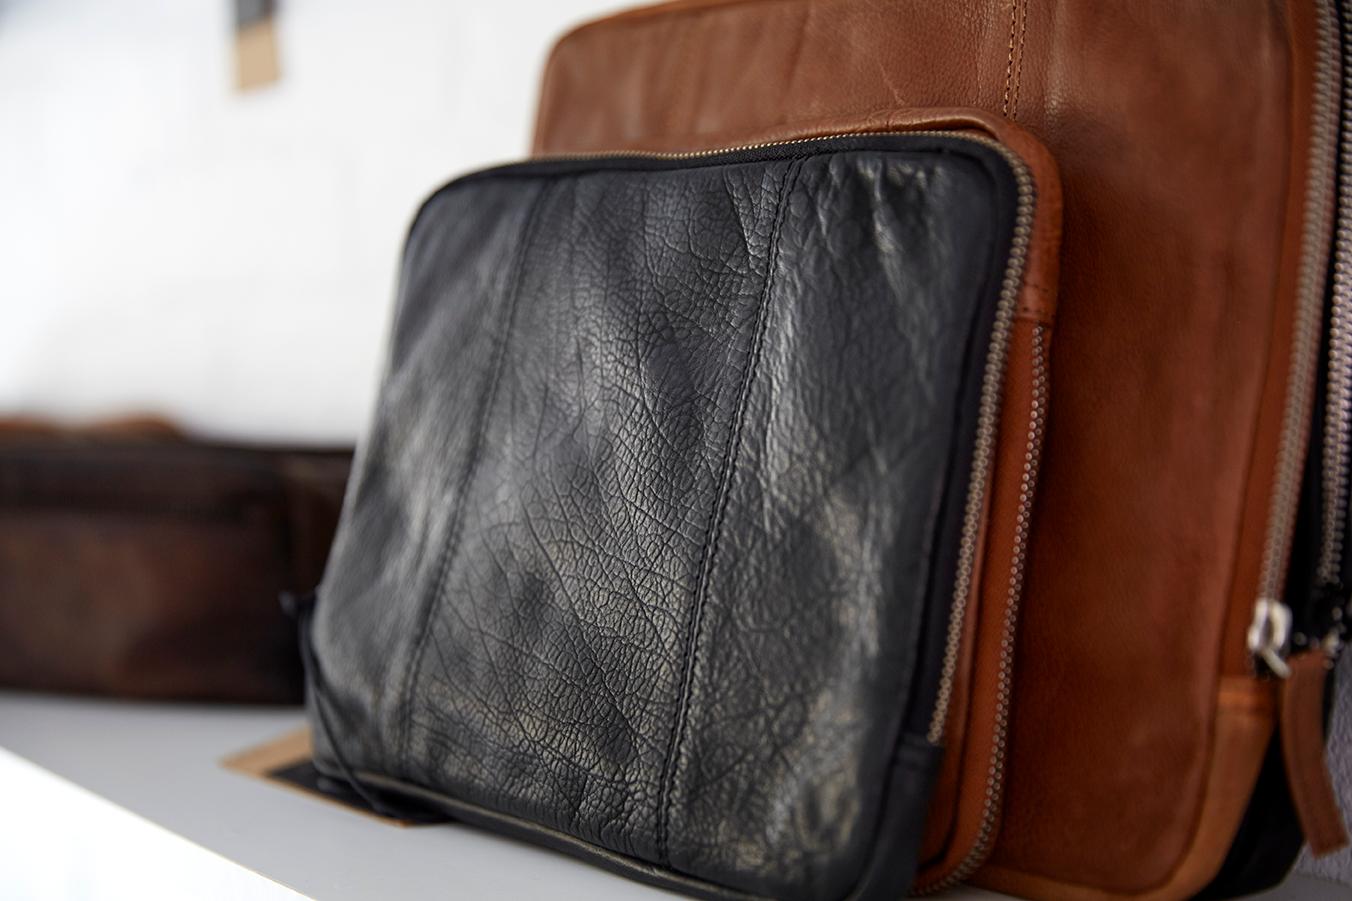 """Sleeves covers til iPad og pc Macbook 13"""" i læder Stilrent dansk design og god beskyttelse til din computer Sleeves til mænd og kvinder i høj kvalitetslæder Birkmond taskebutik lædervarer i Aarhus"""